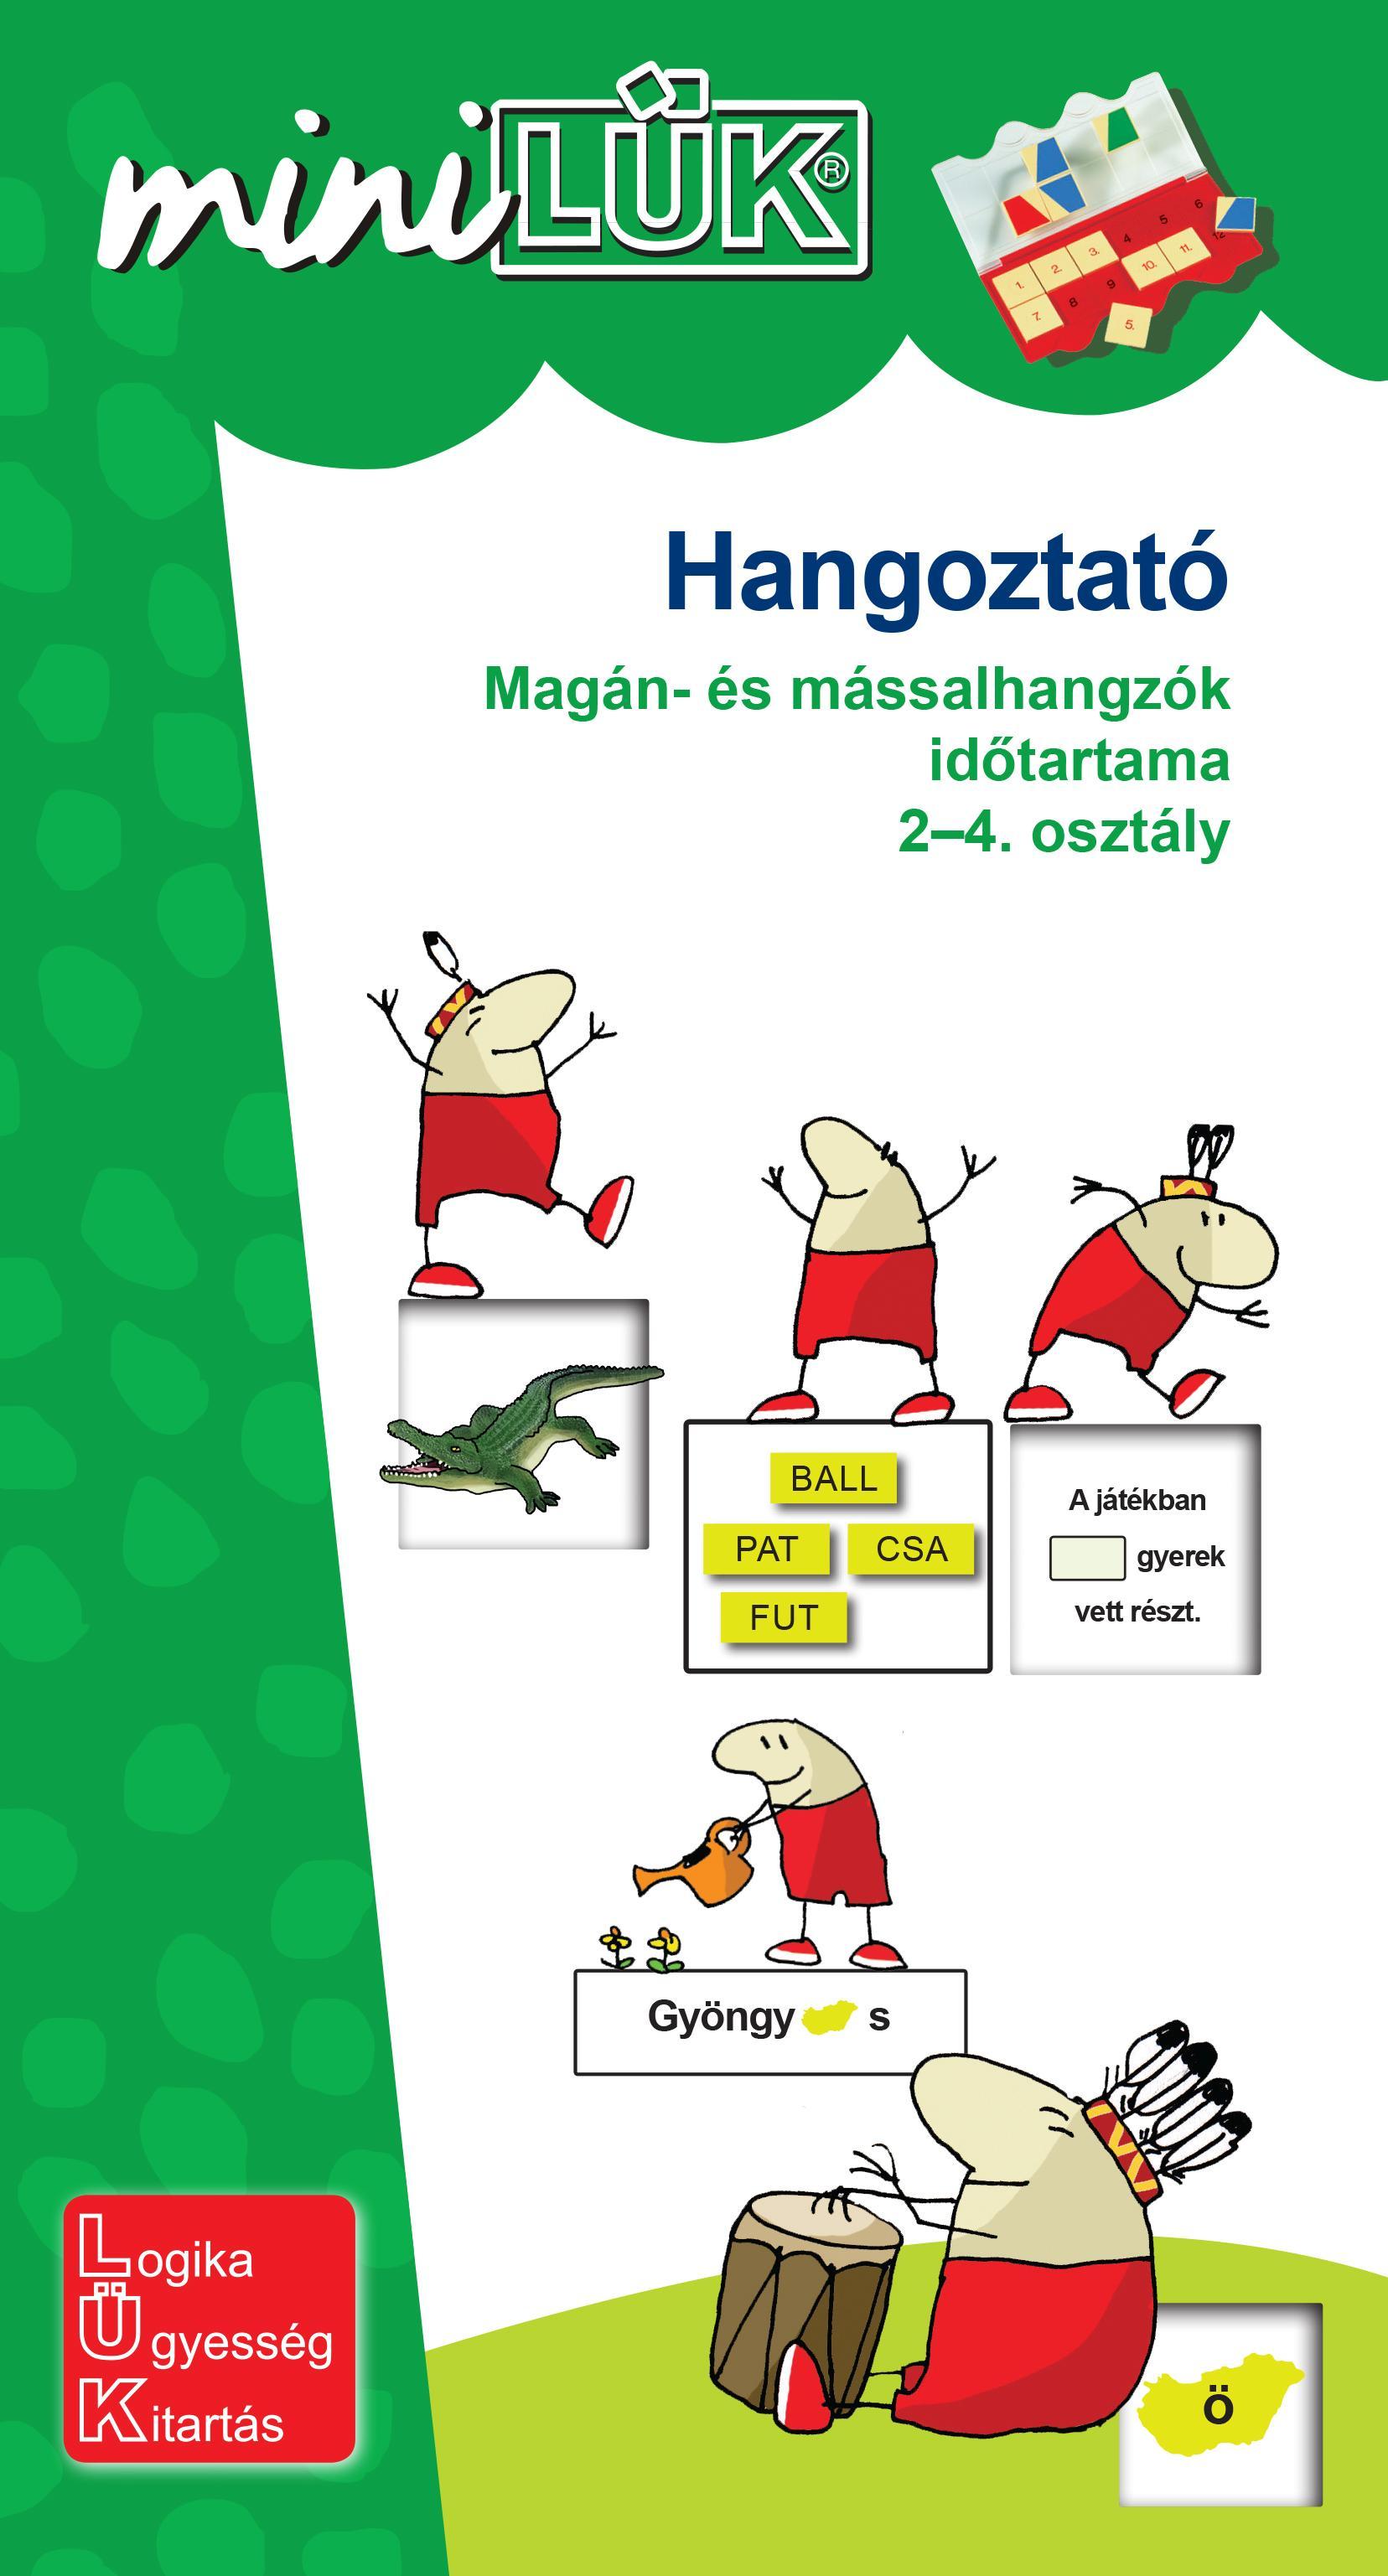 HANGOZTATÓ - MAGÁN- ÉS MÁSSALHANGZÓK IDŐTARTAMA 2-4. OSZT.